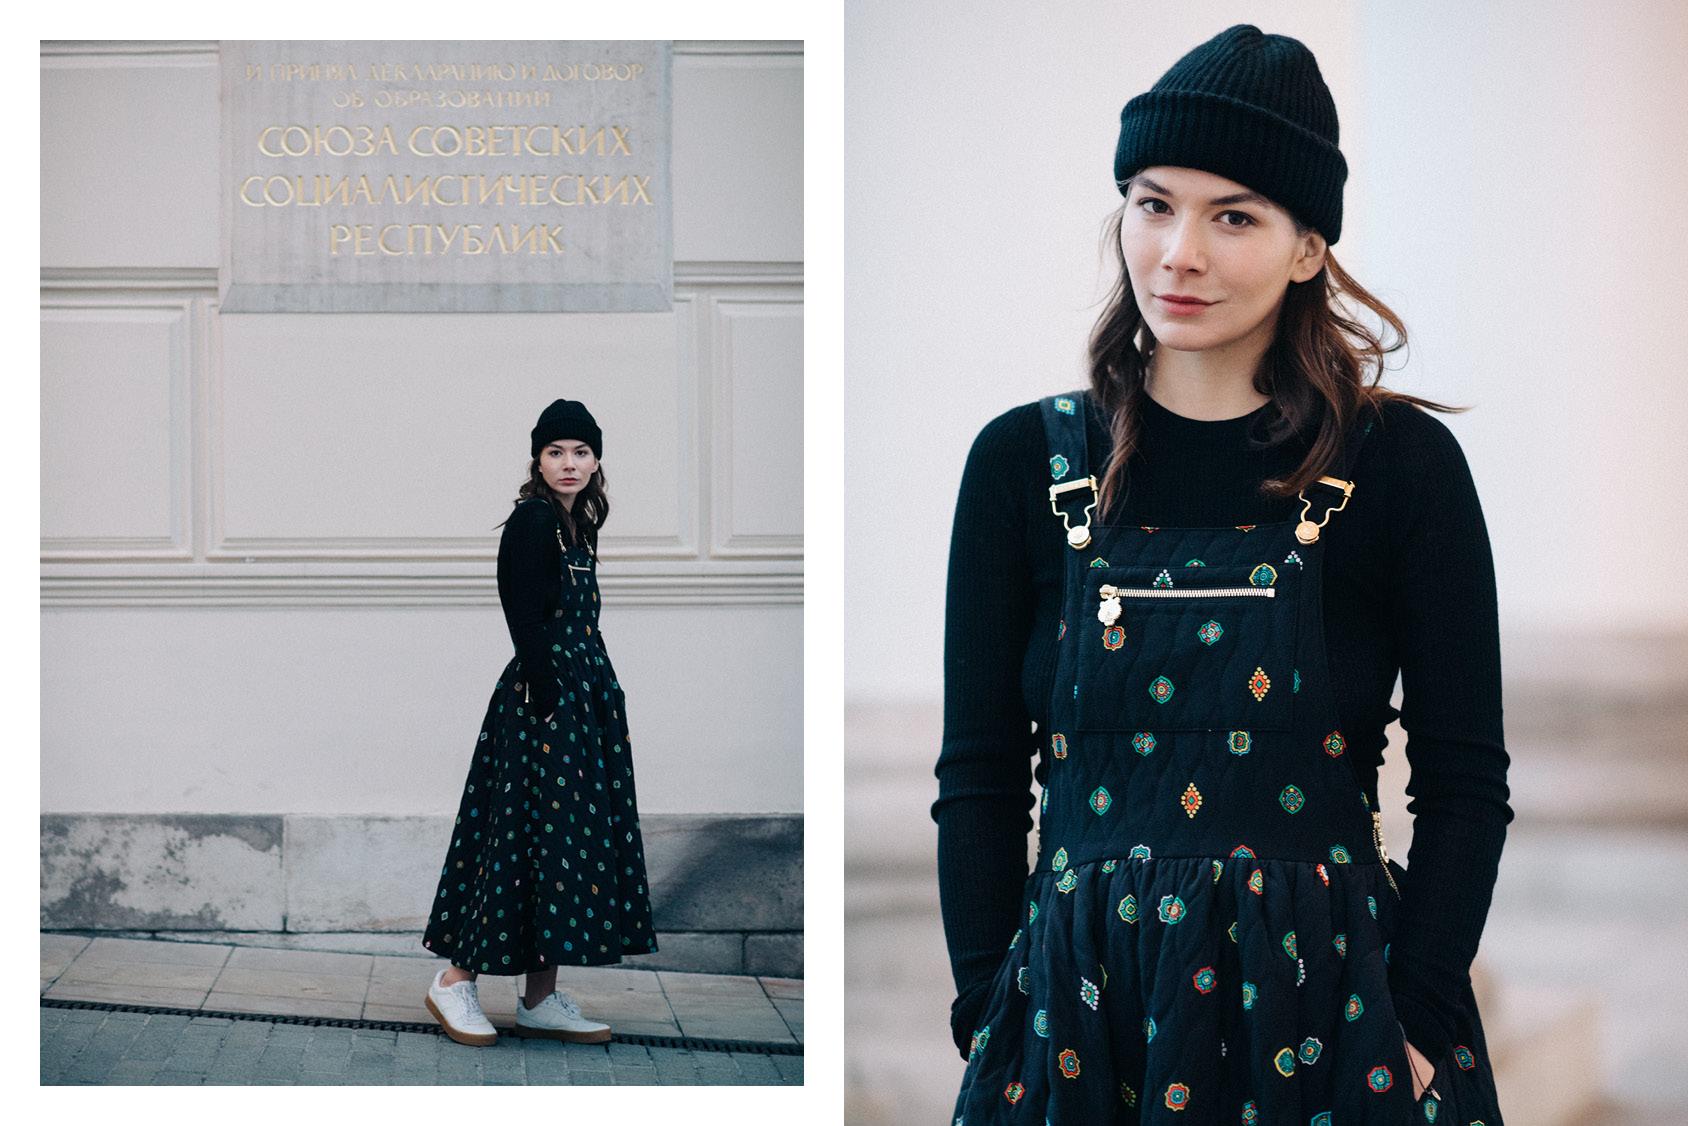 Sasha Mikhalkova in Kenzo x H&M dress